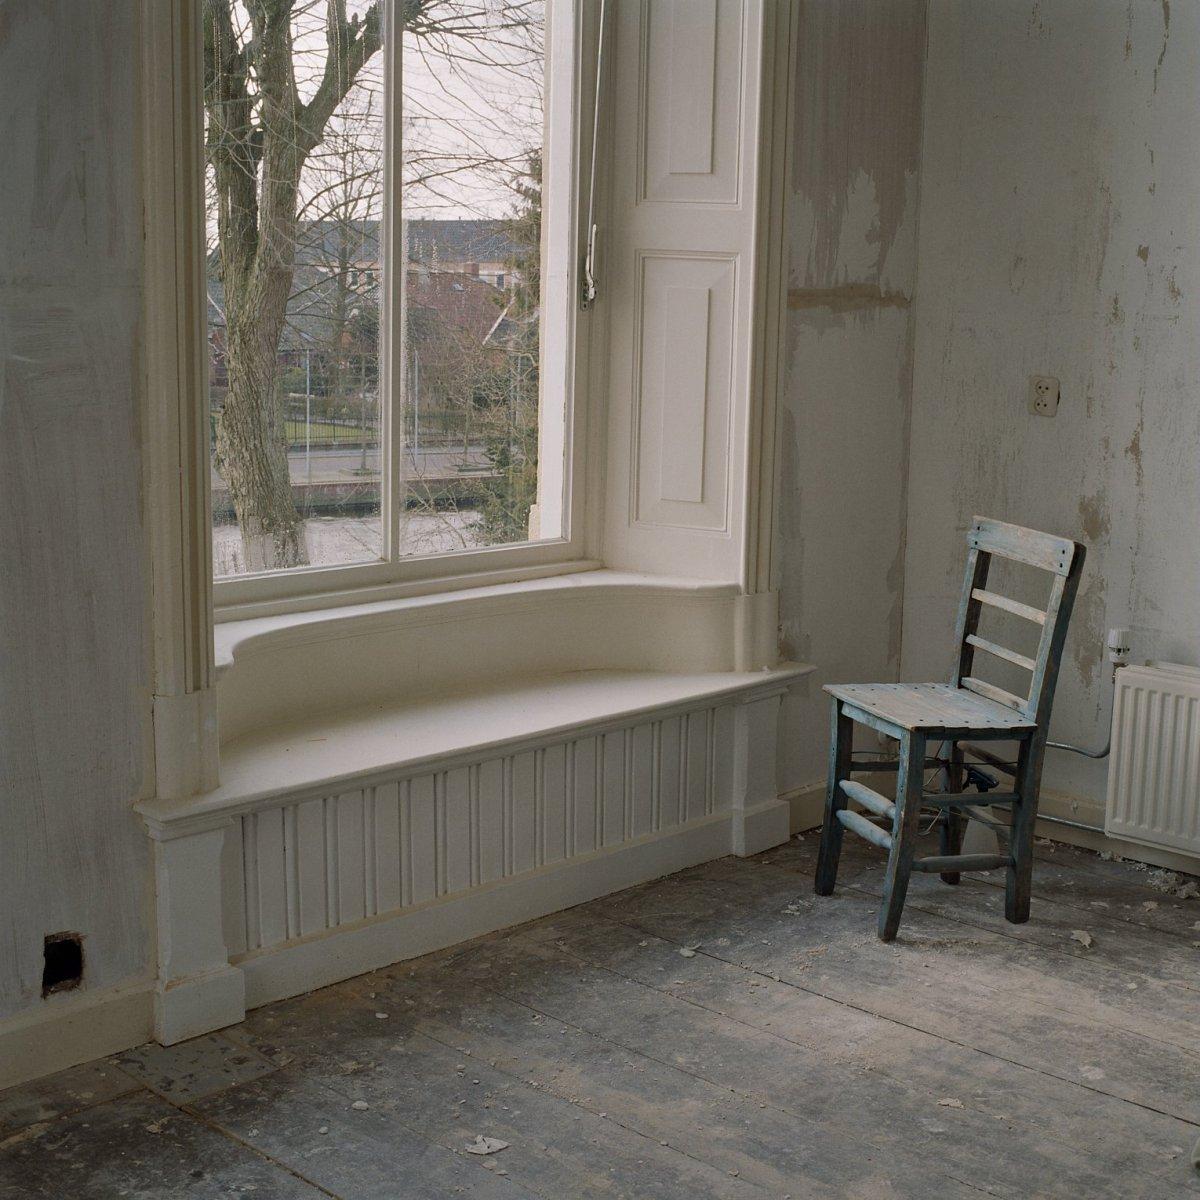 File interieur kamer op bovenverdieping met vensterbank for Kamer interieur